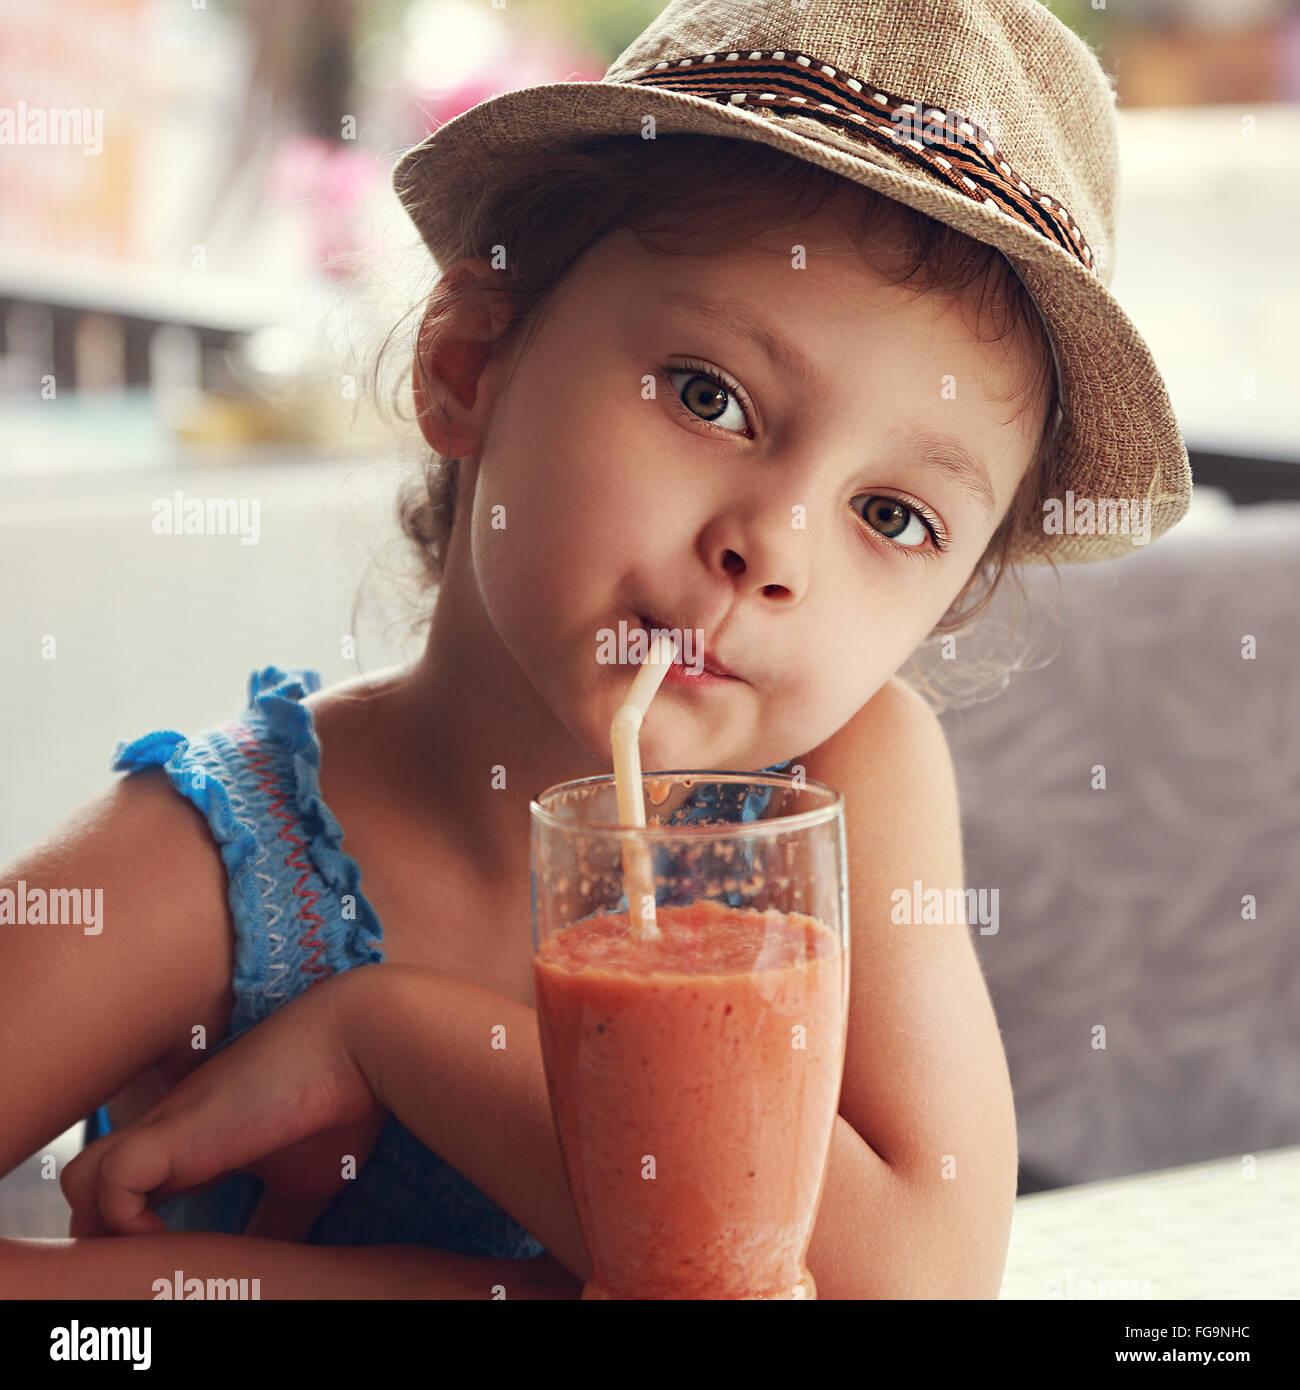 Diversão bonitinha kid menina beber sumo saudável smoothie no restaurante rua. Close-up tons de retrato Imagens de Stock